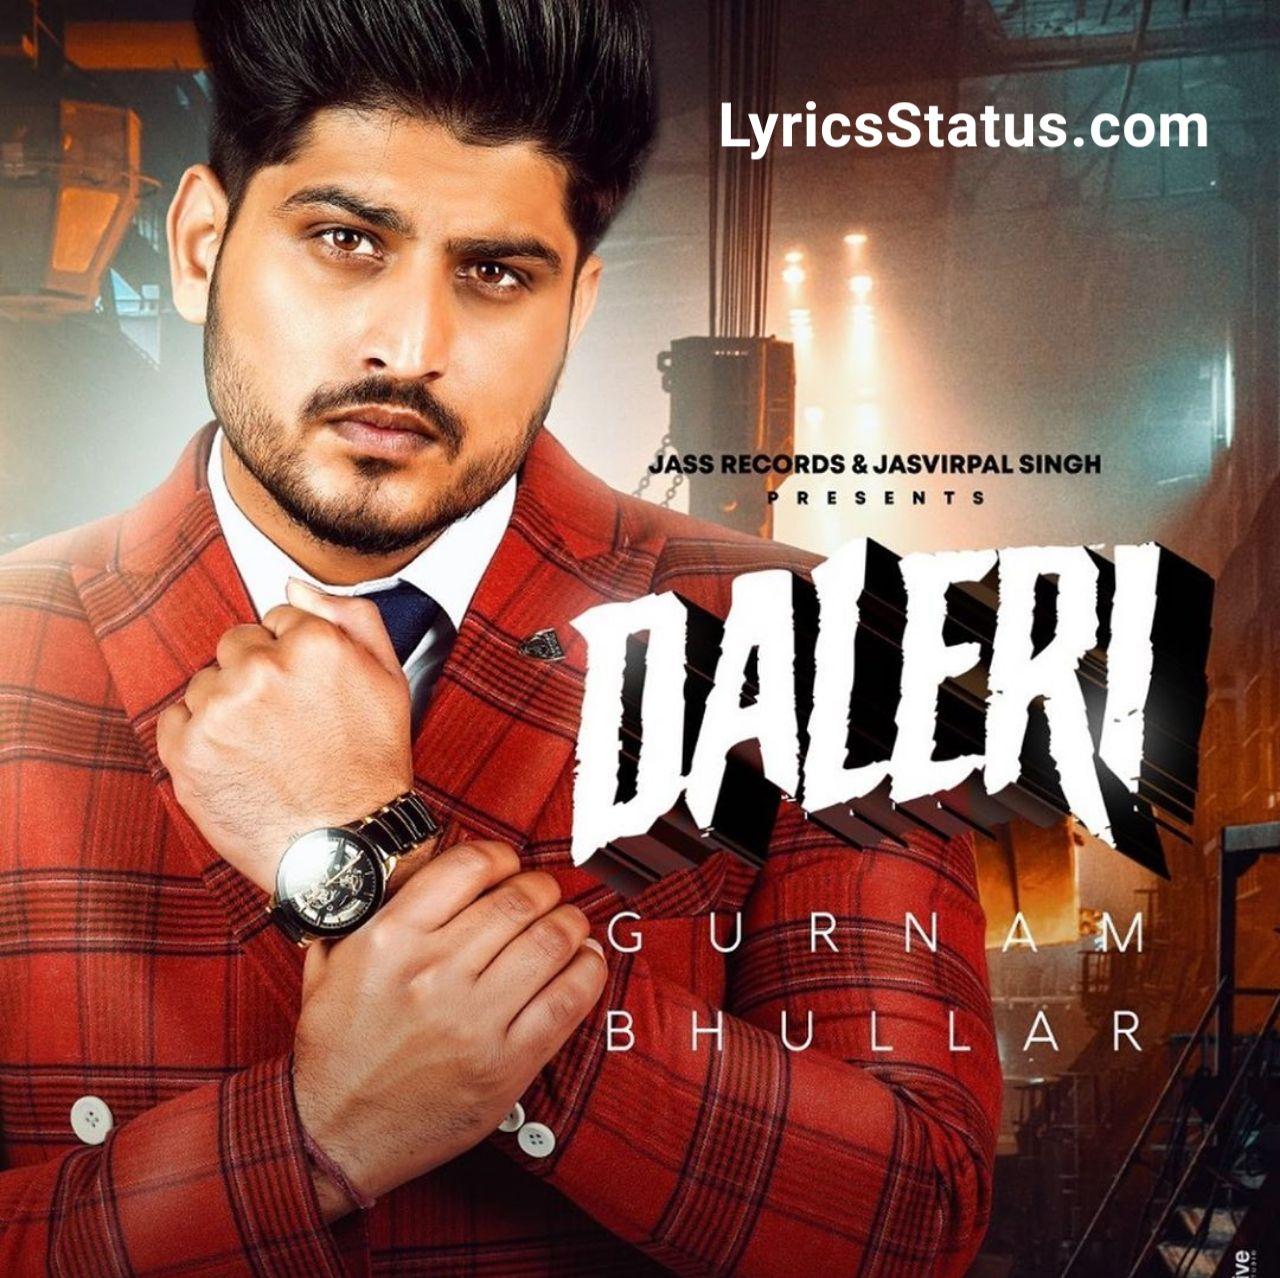 Gurnam Bhullar New Song Daleri Lyrics Status Download Video Di 2020 Lagu Video